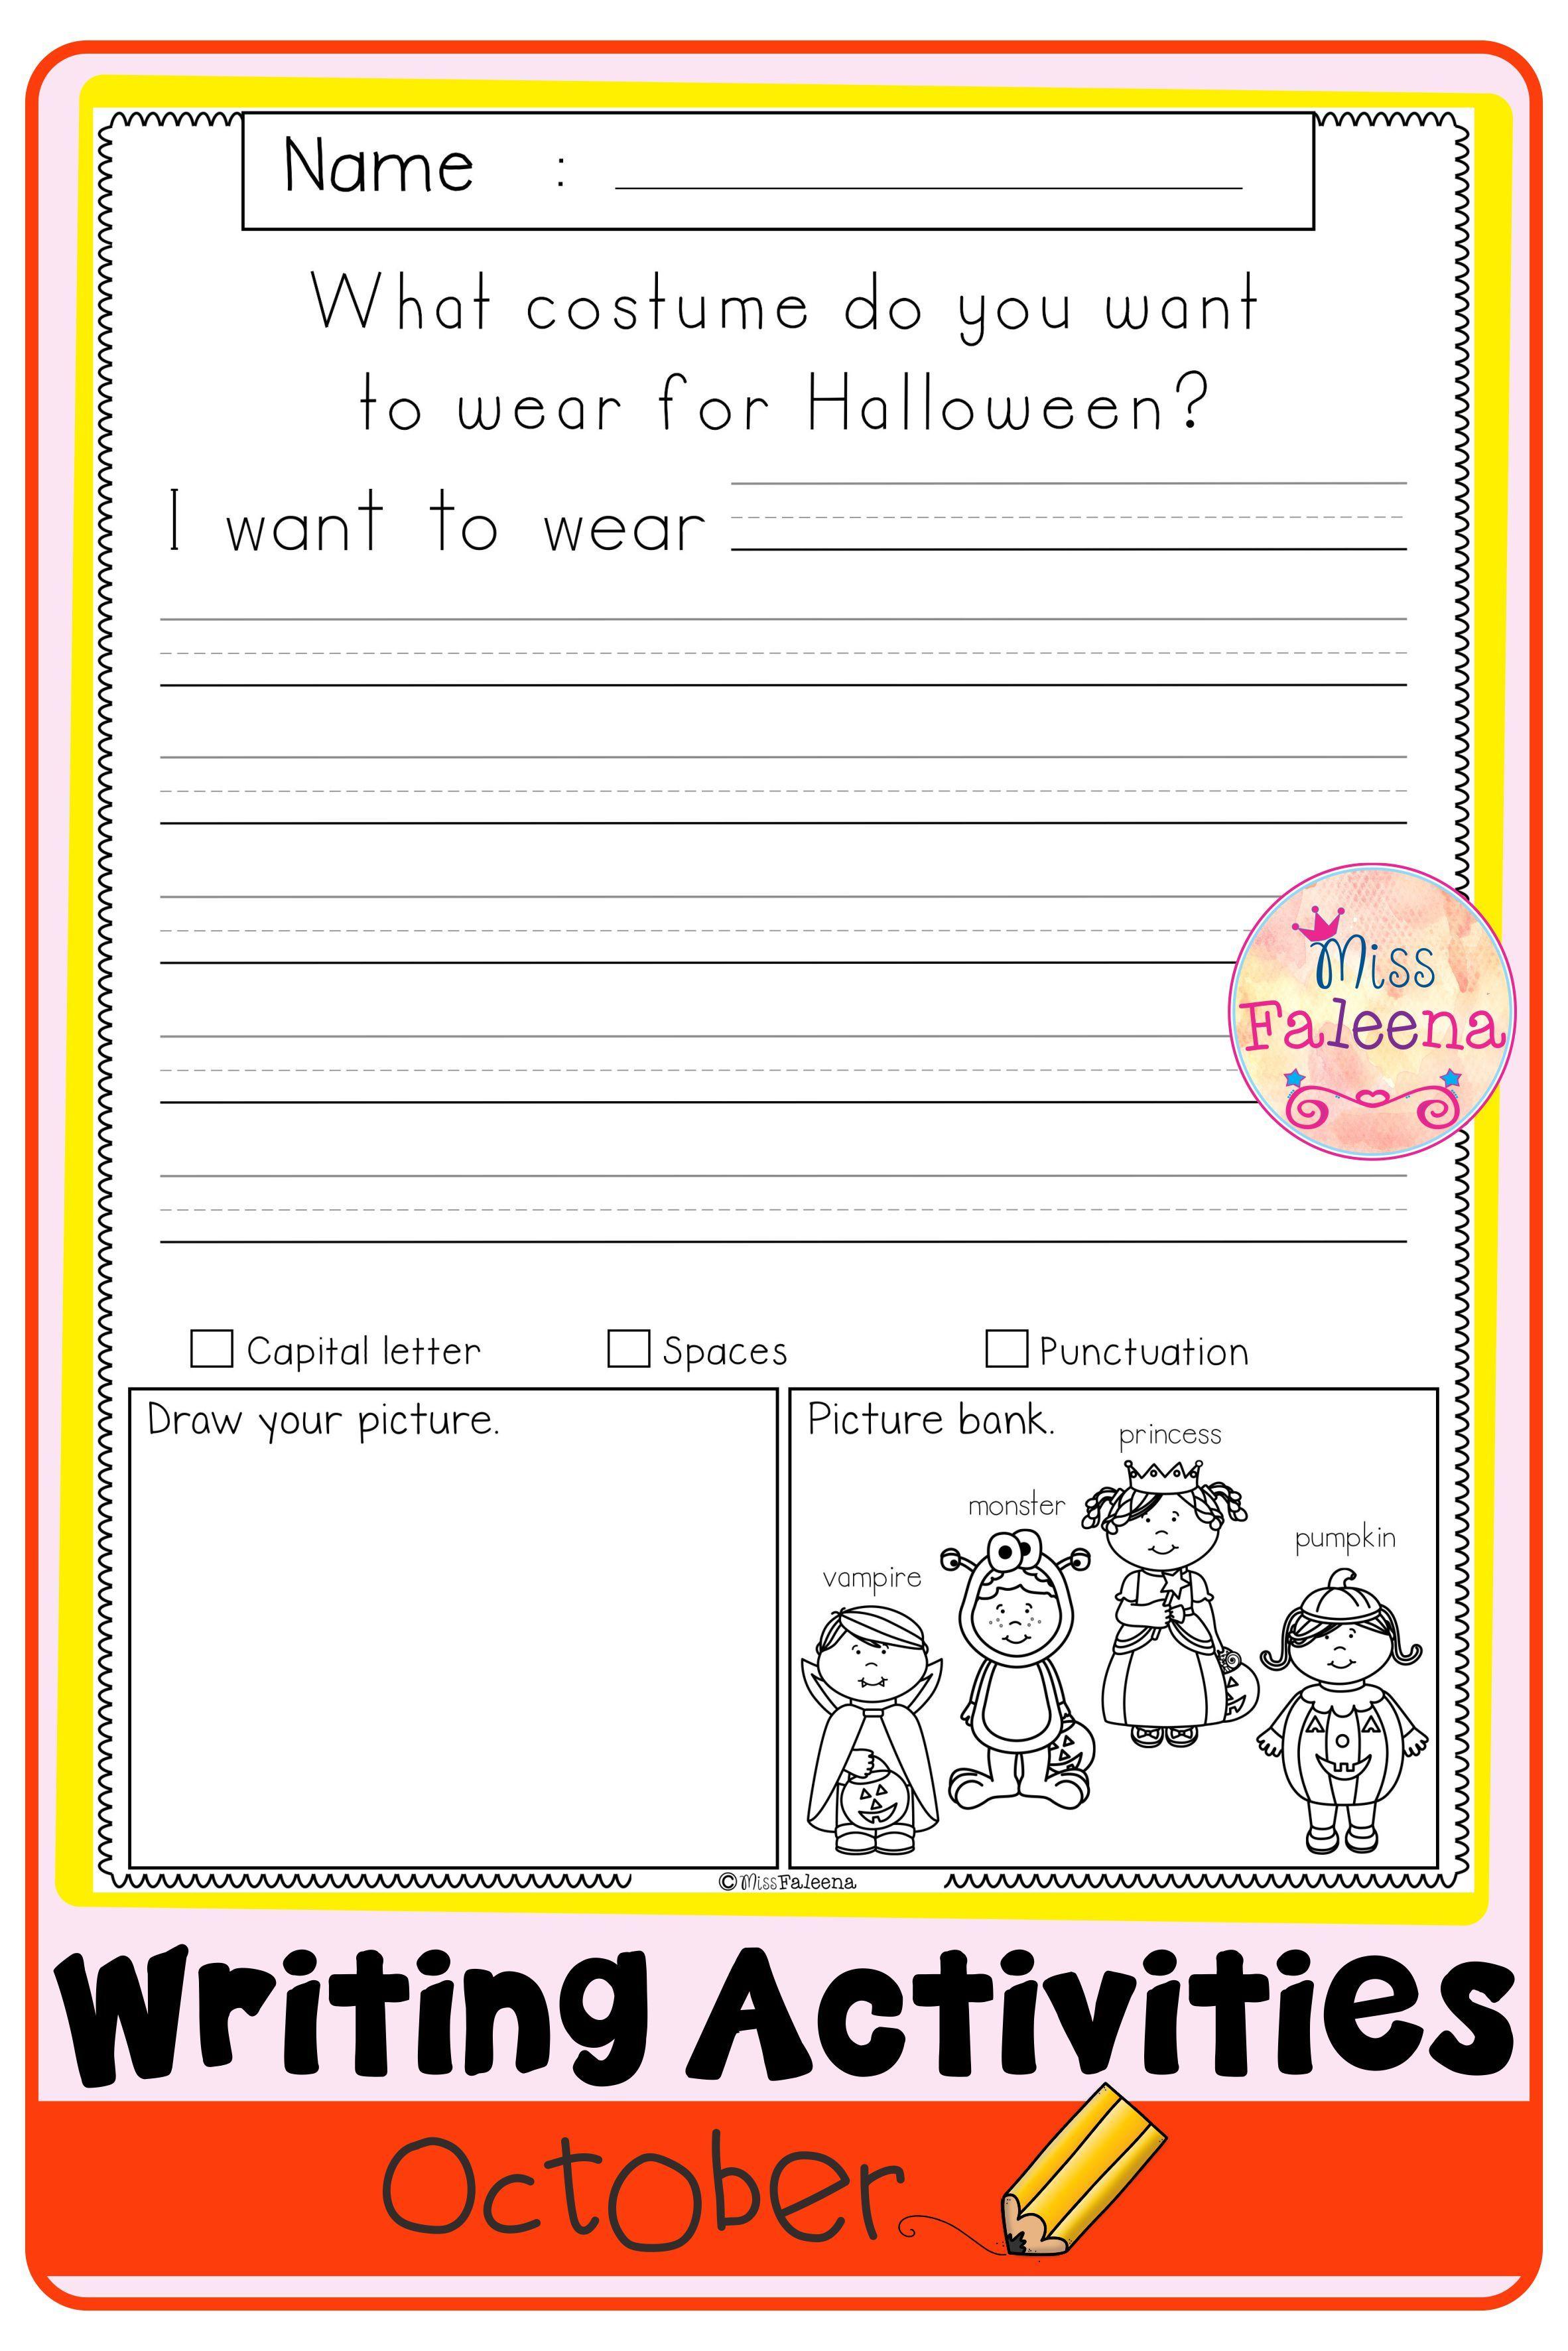 October Writing Activities Di